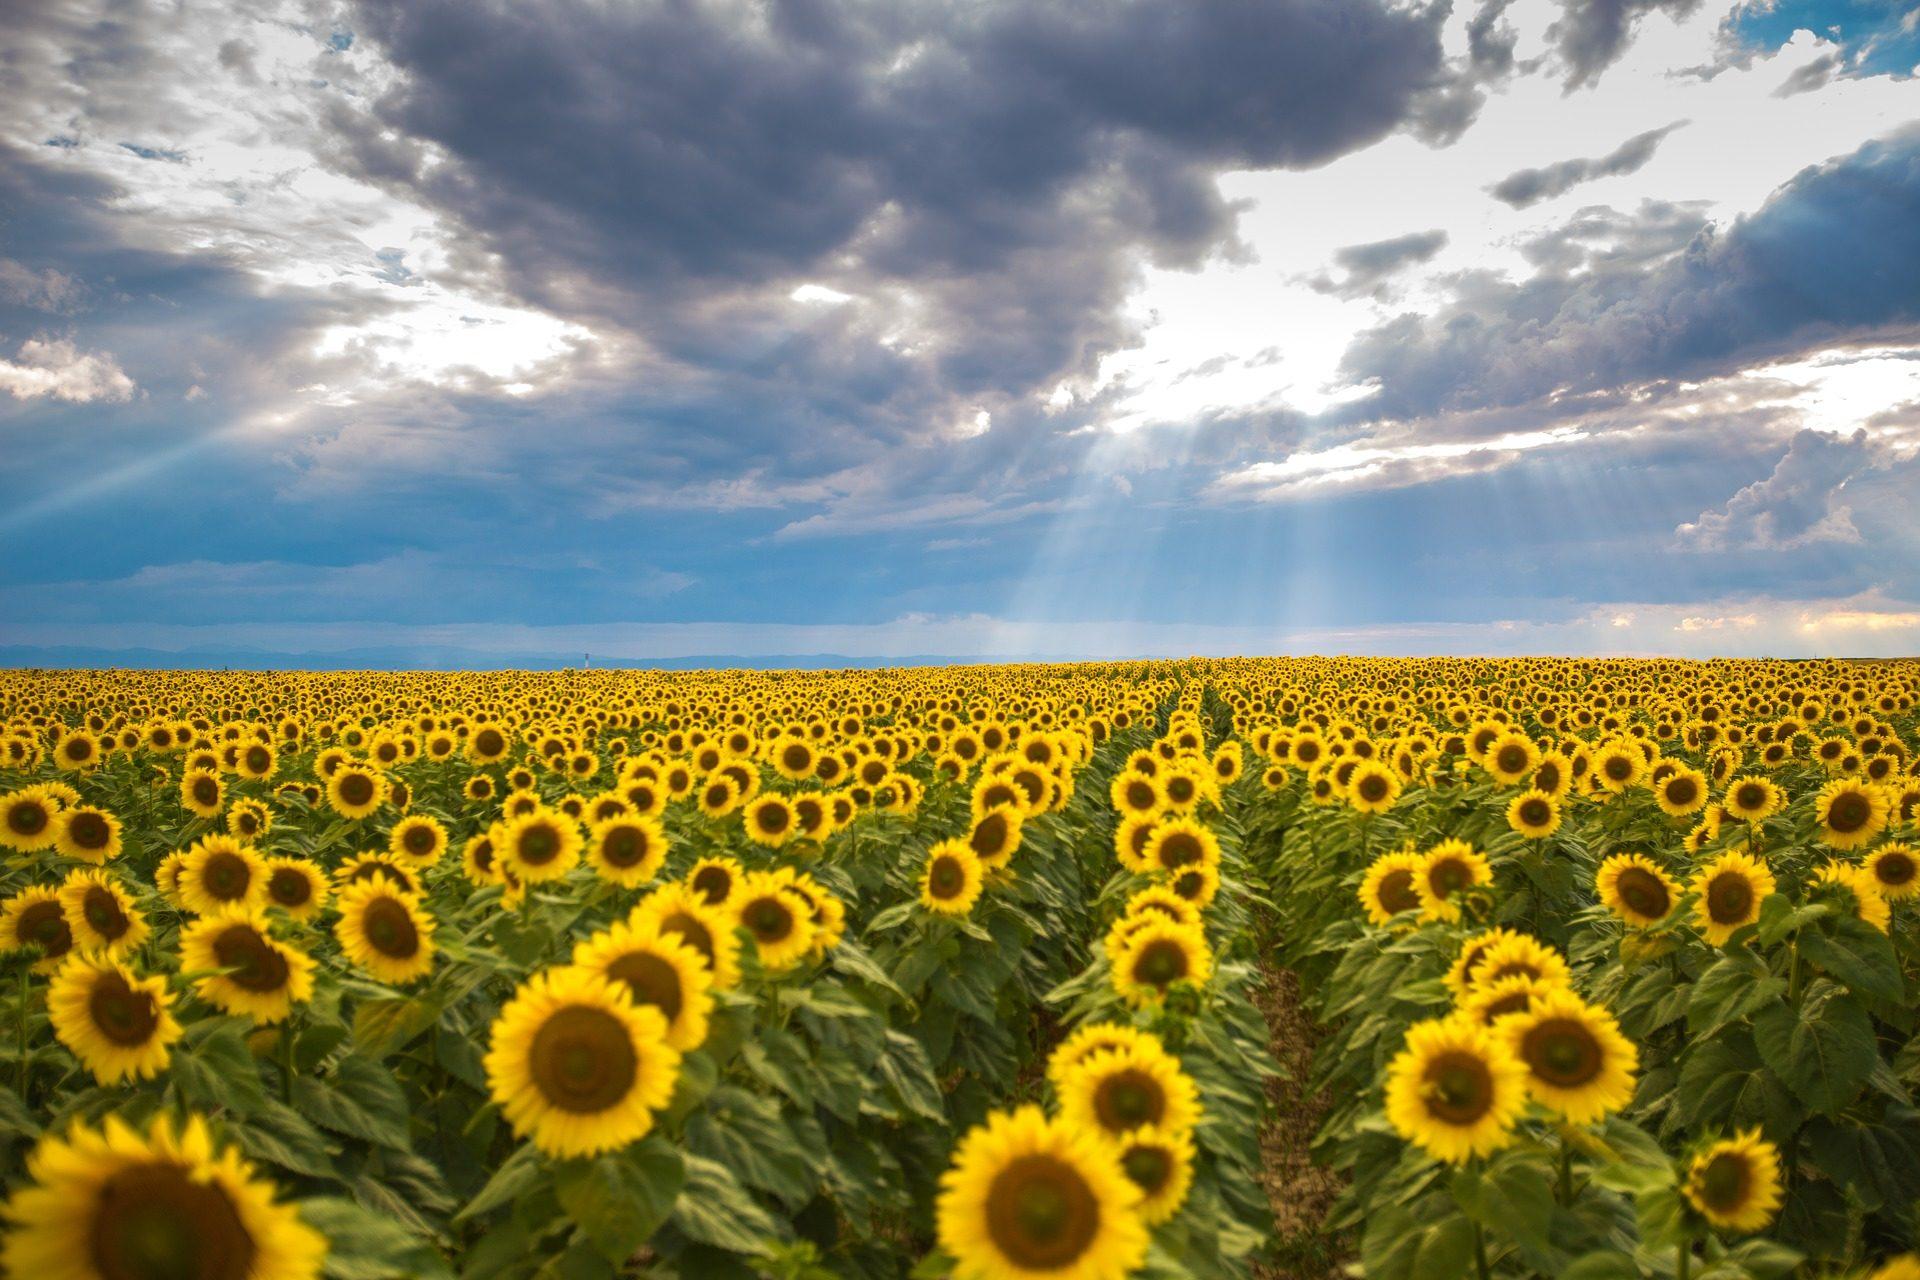 Подсолнухи, Плантейшен, Выращивание, растения, Небо, Облачно, облака - Обои HD - Профессор falken.com